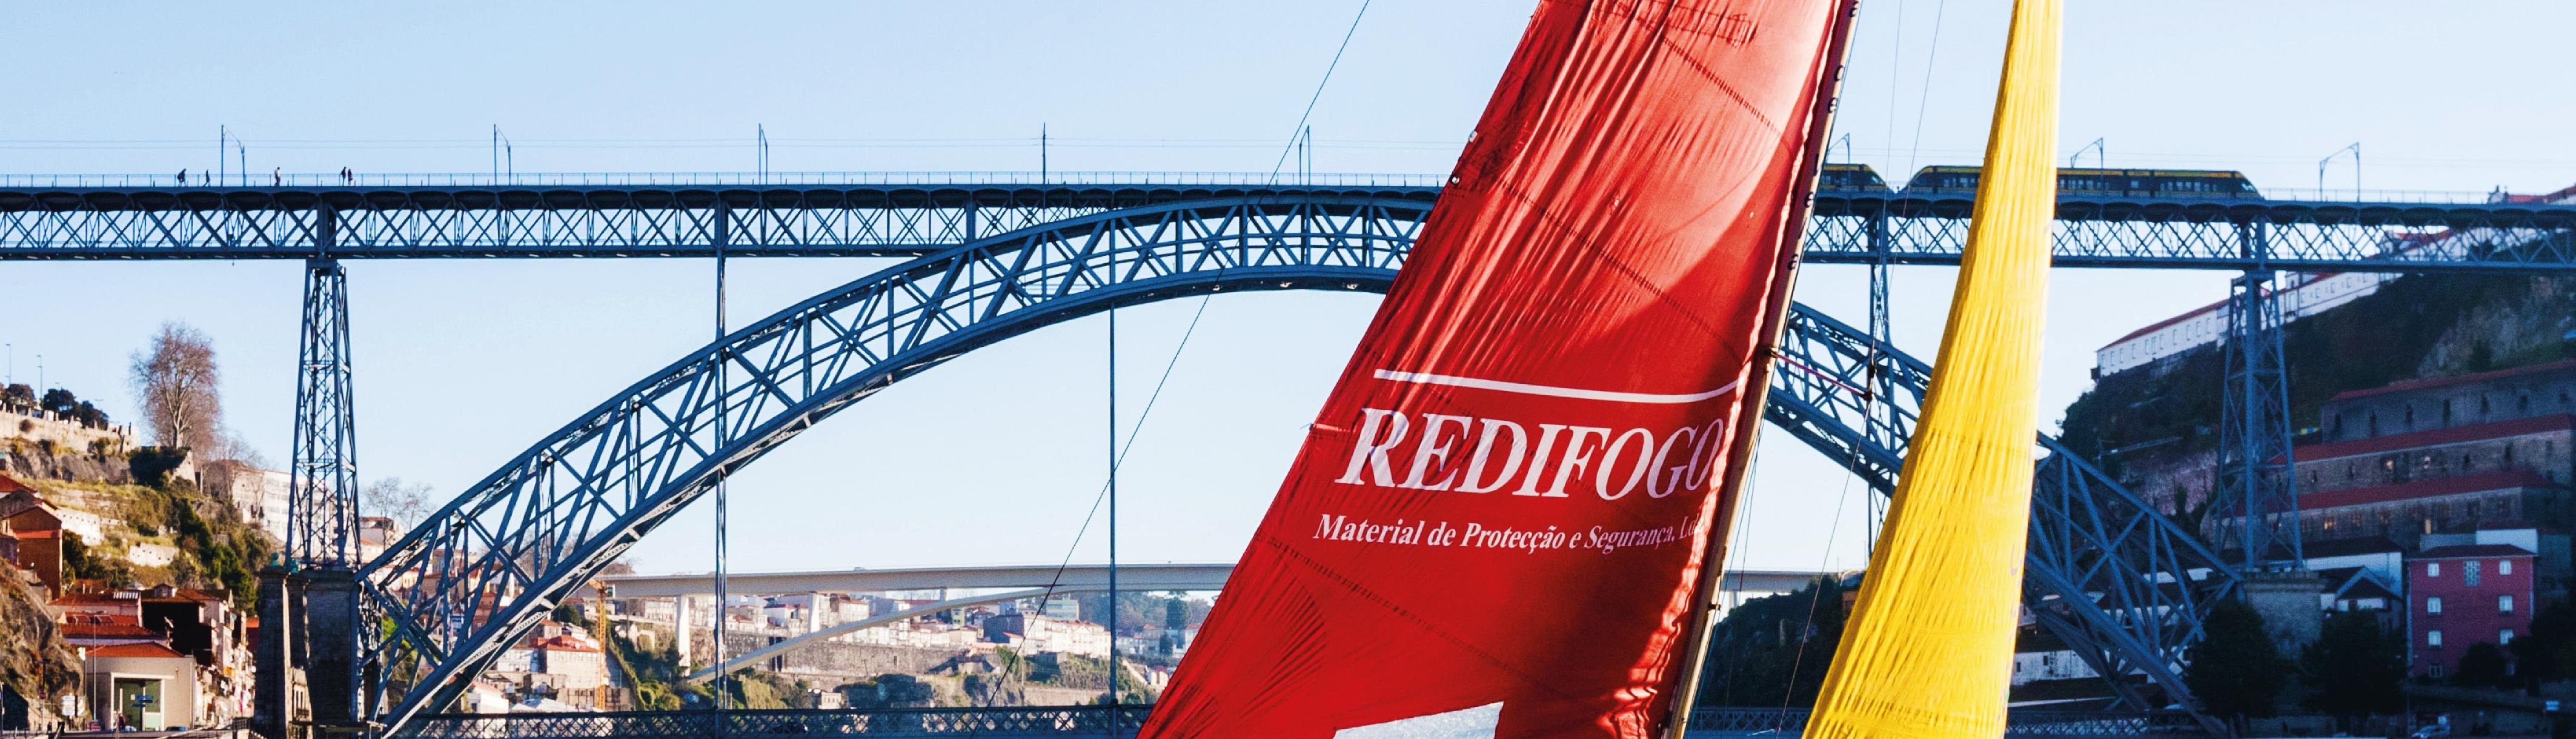 Redifogo Porto | BBDouro - We do Sailing